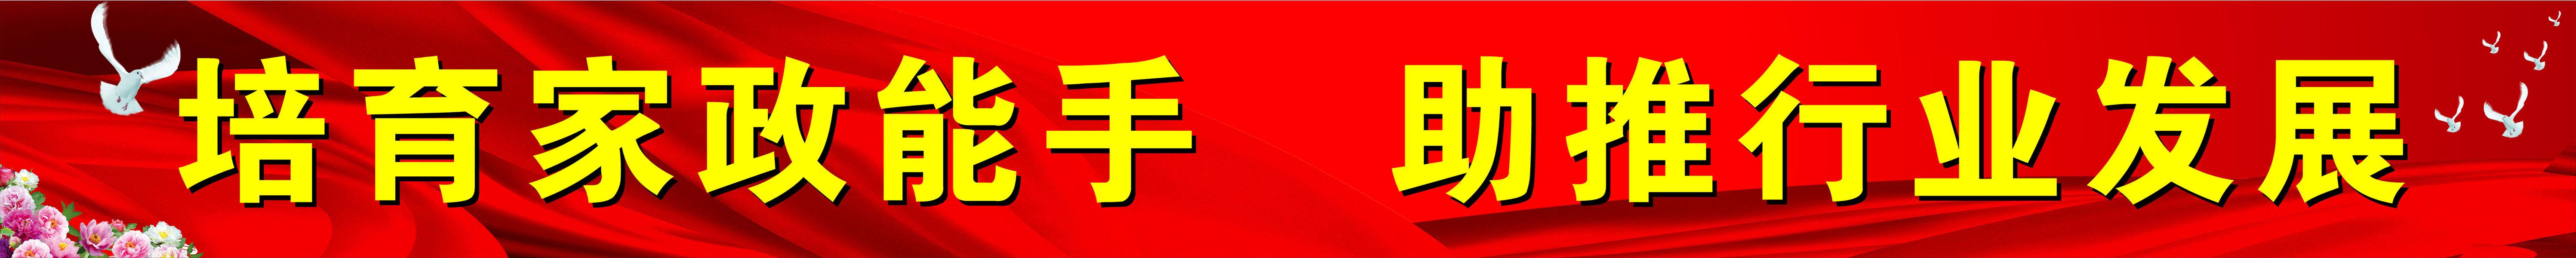 601基础建材海报展板素材433学校文化标语(3)